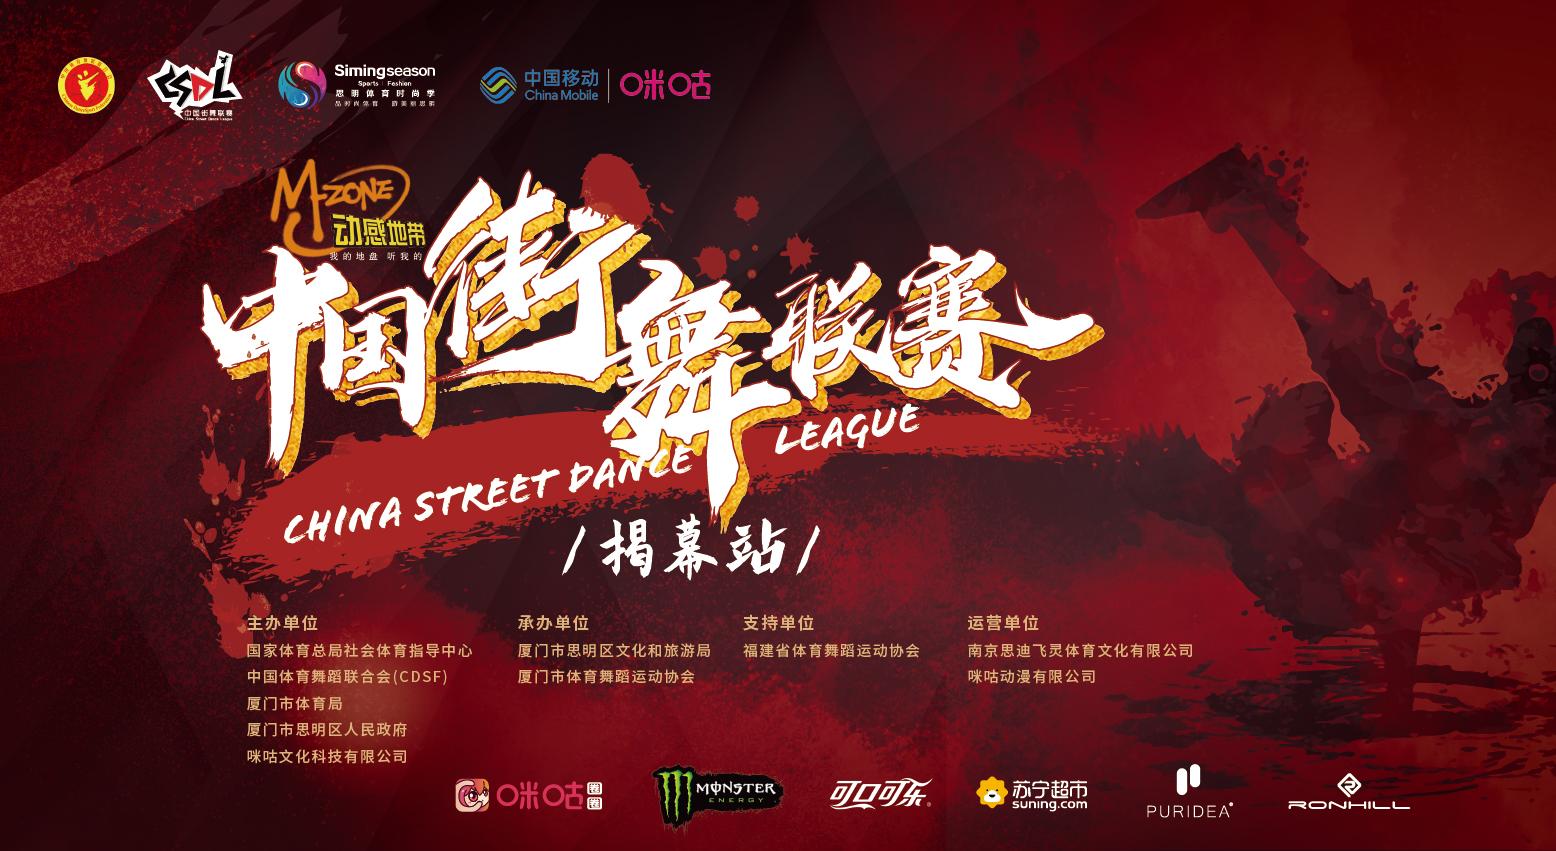 2019-2020年度中国街舞联赛(揭幕站)